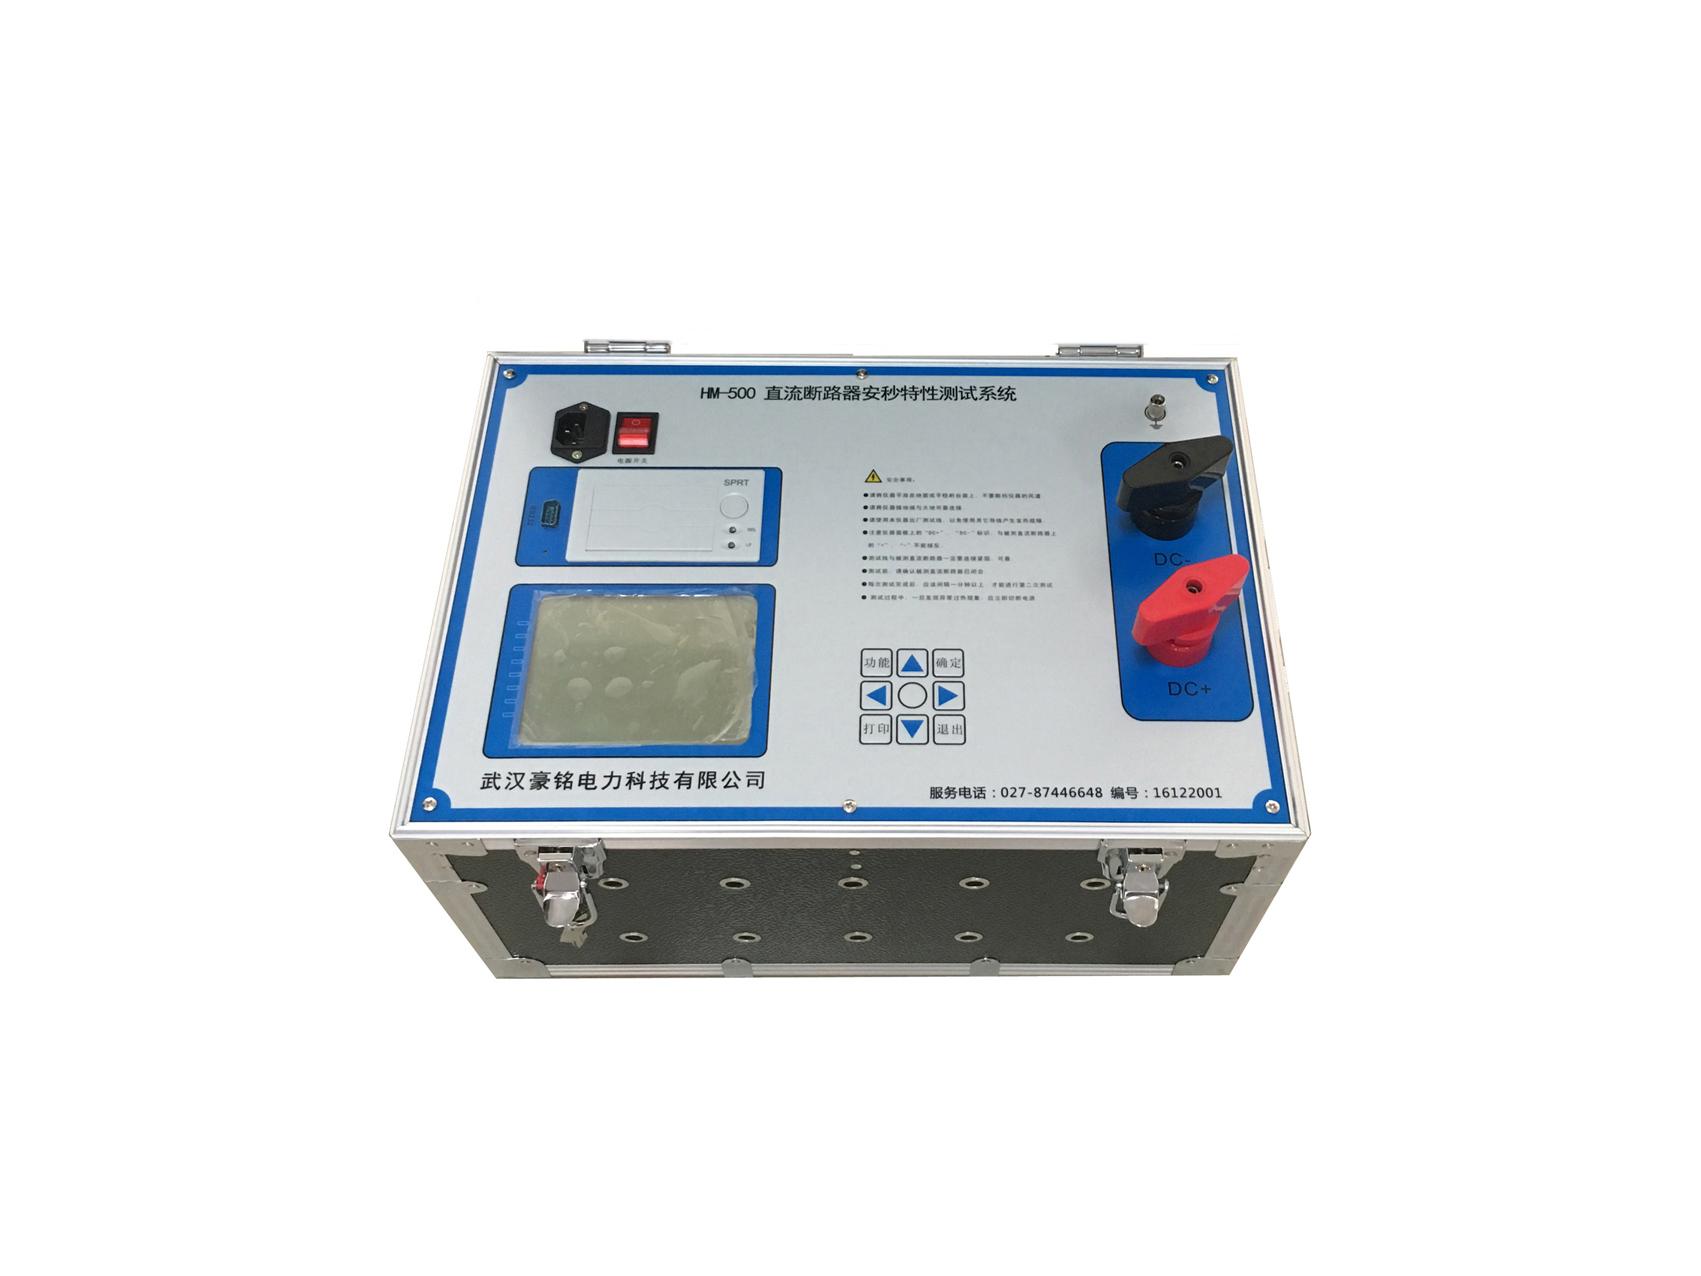 HM-500 直流斷路器安秒特性測試系統